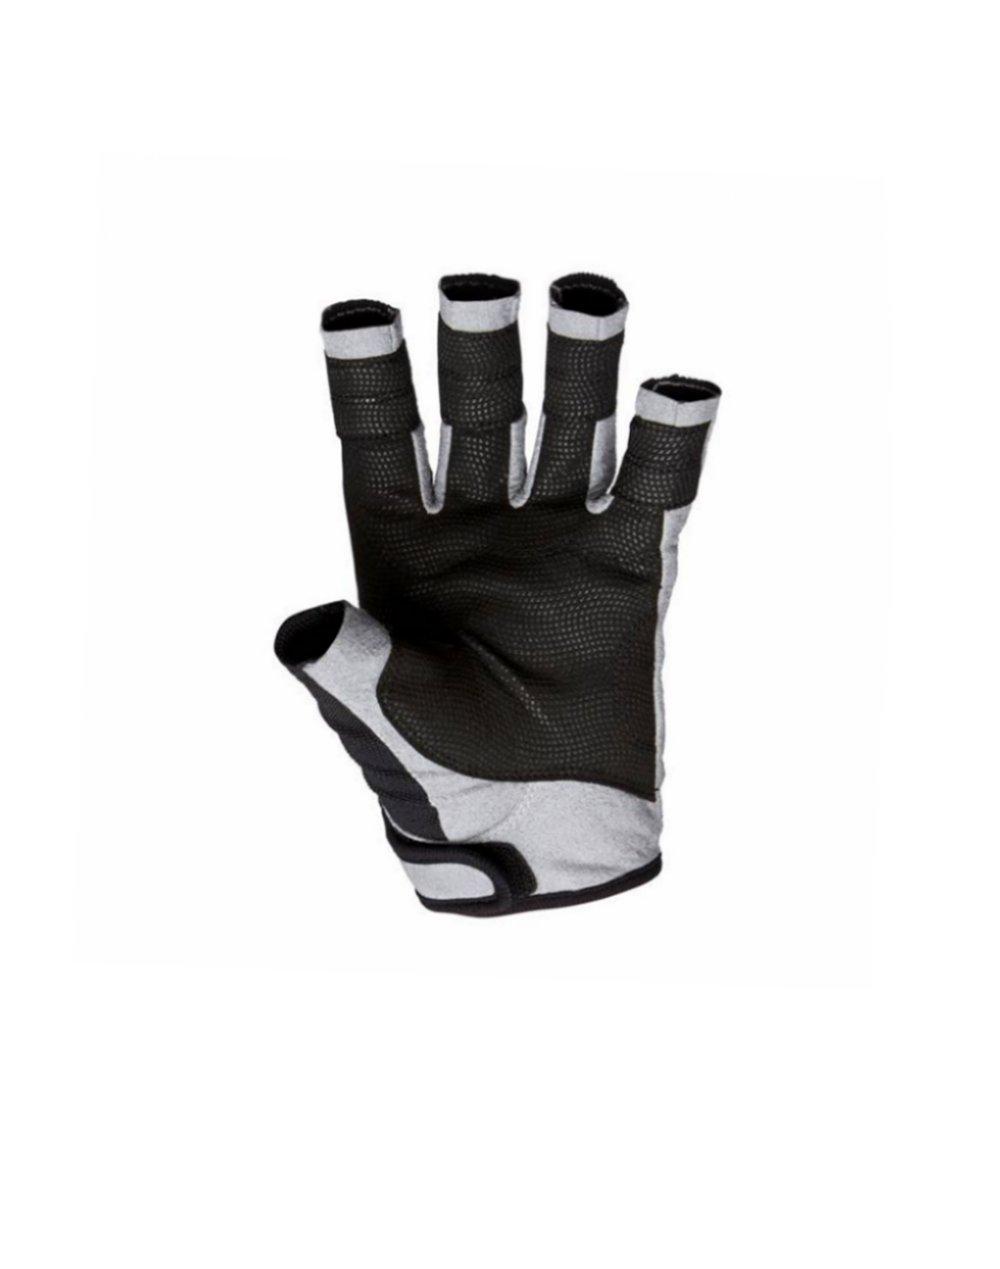 Helly Hansen Sailing Glove Short (67772-990) Black